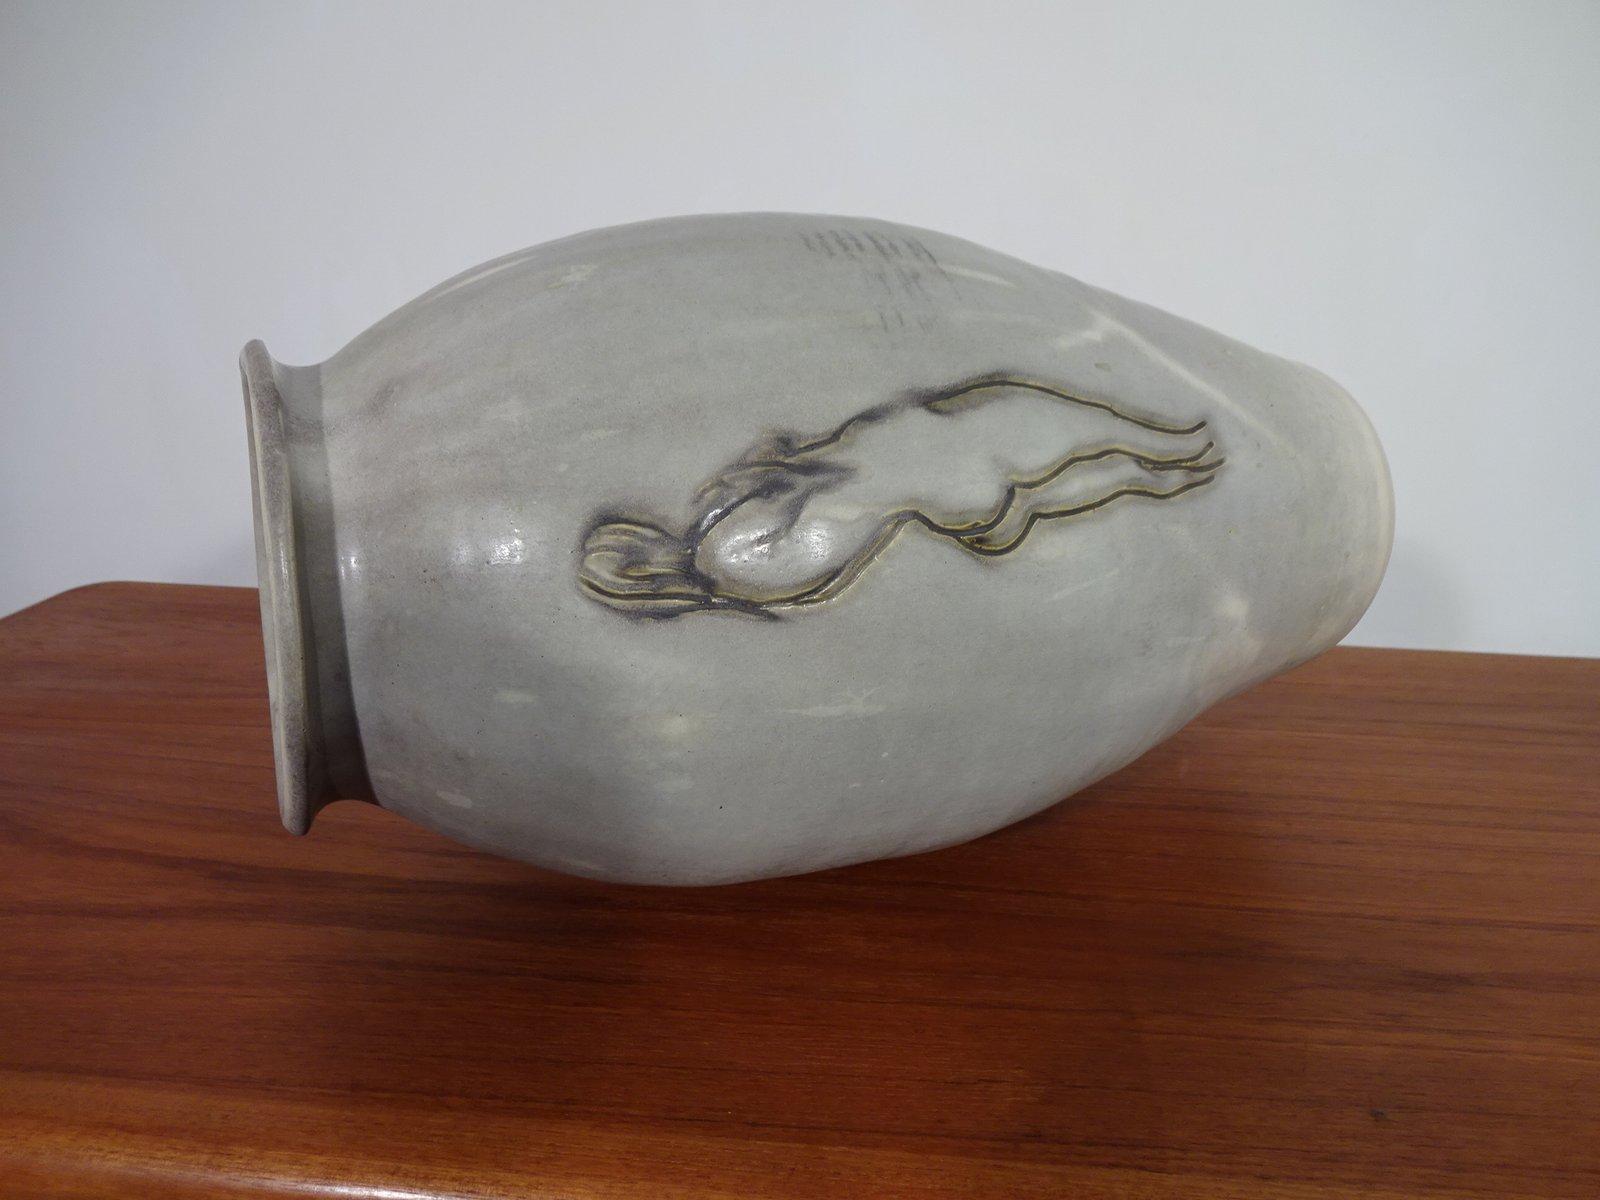 naked-women-vases